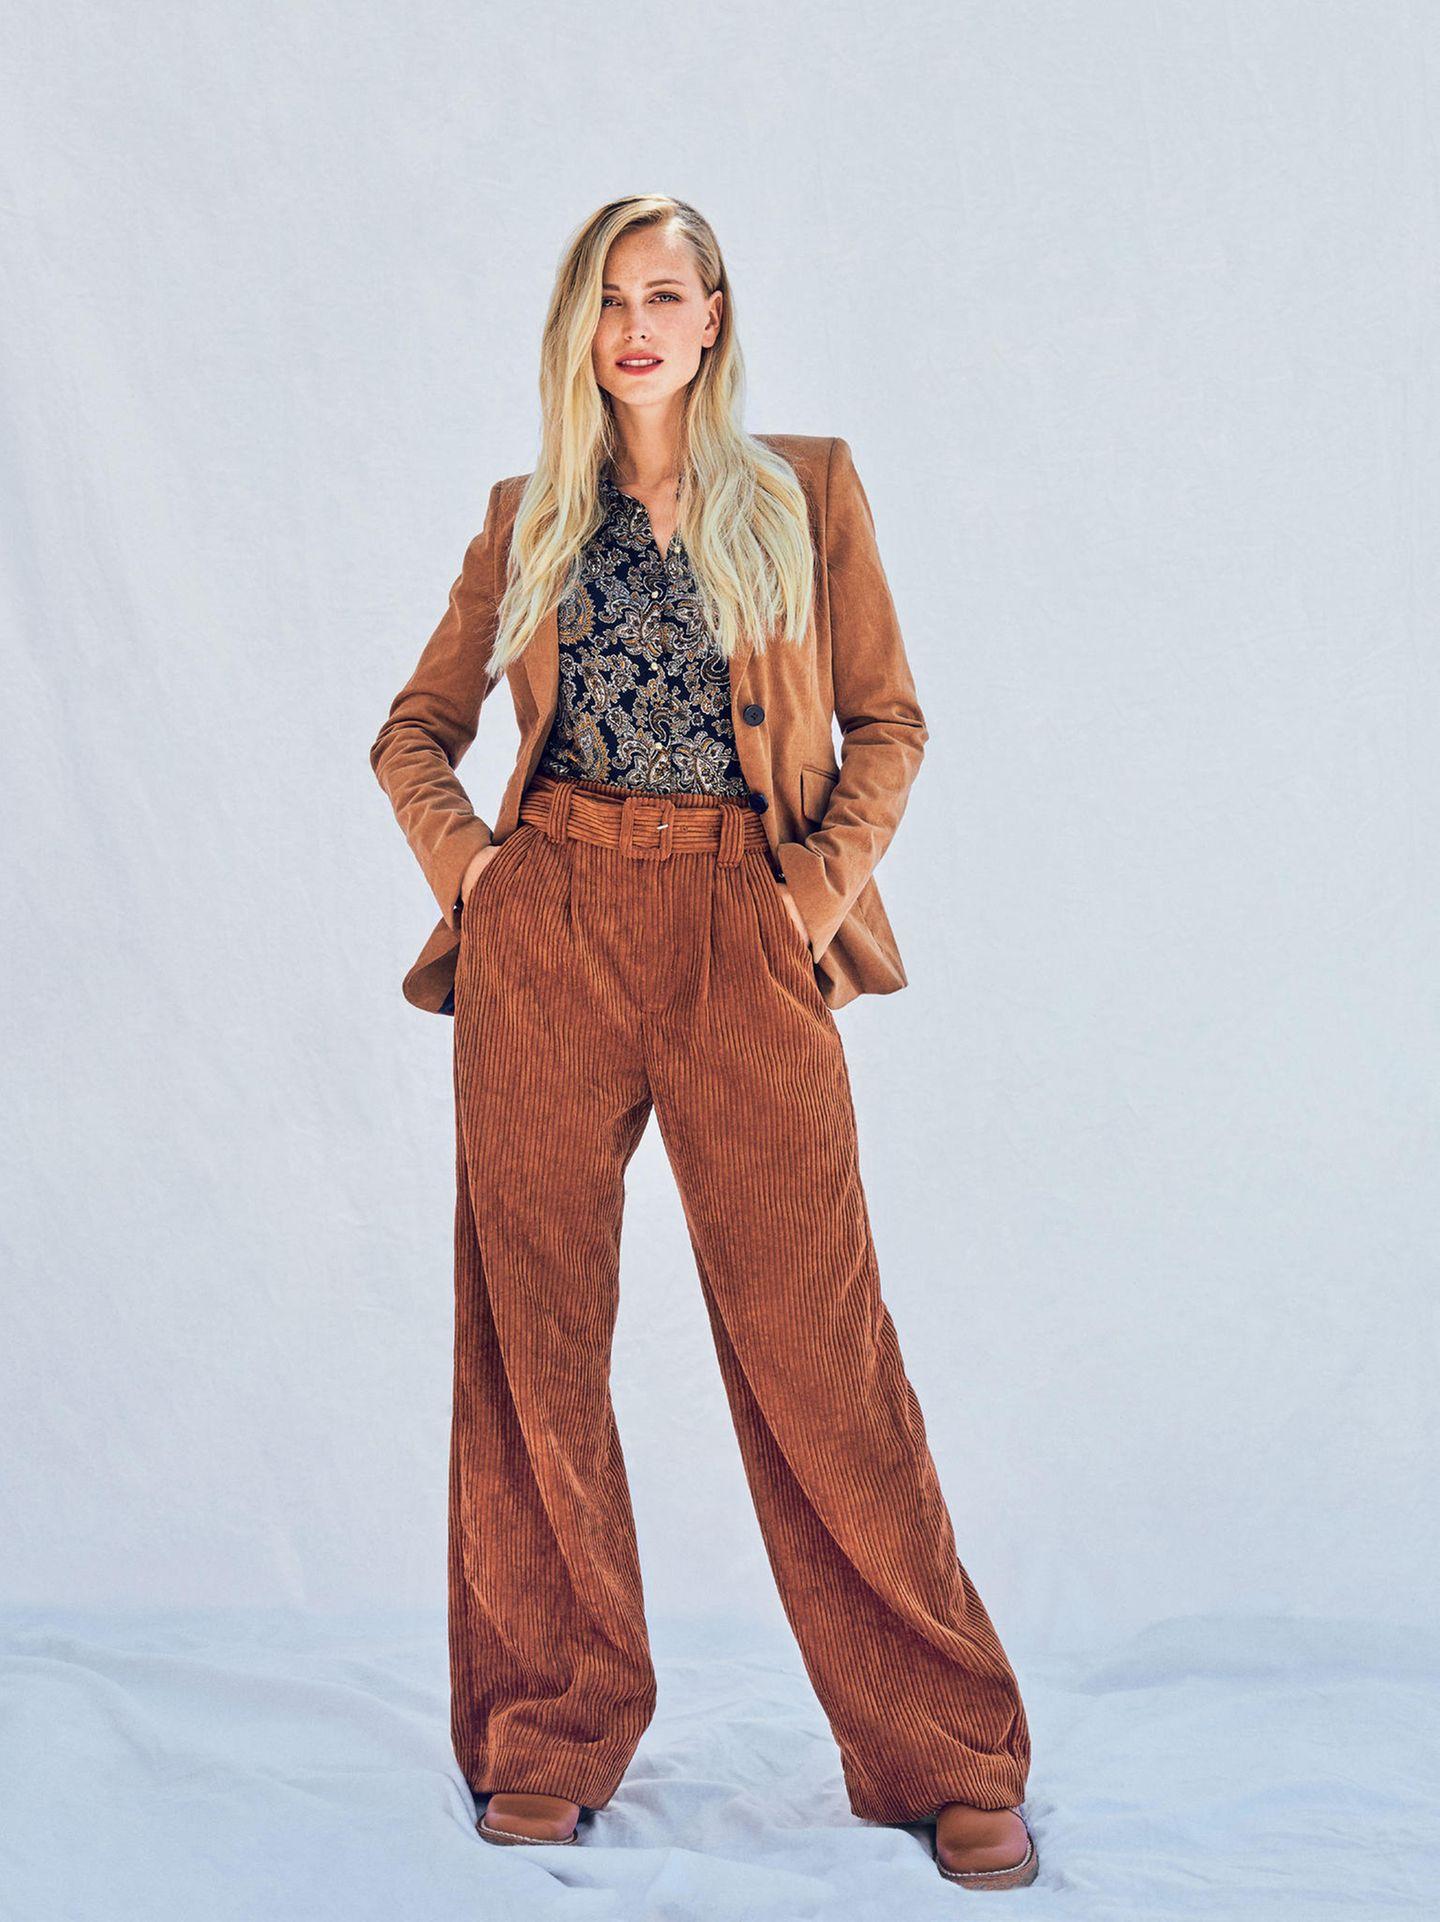 Frau trägt weite Cordhose und Bluse mit Paisleymuster